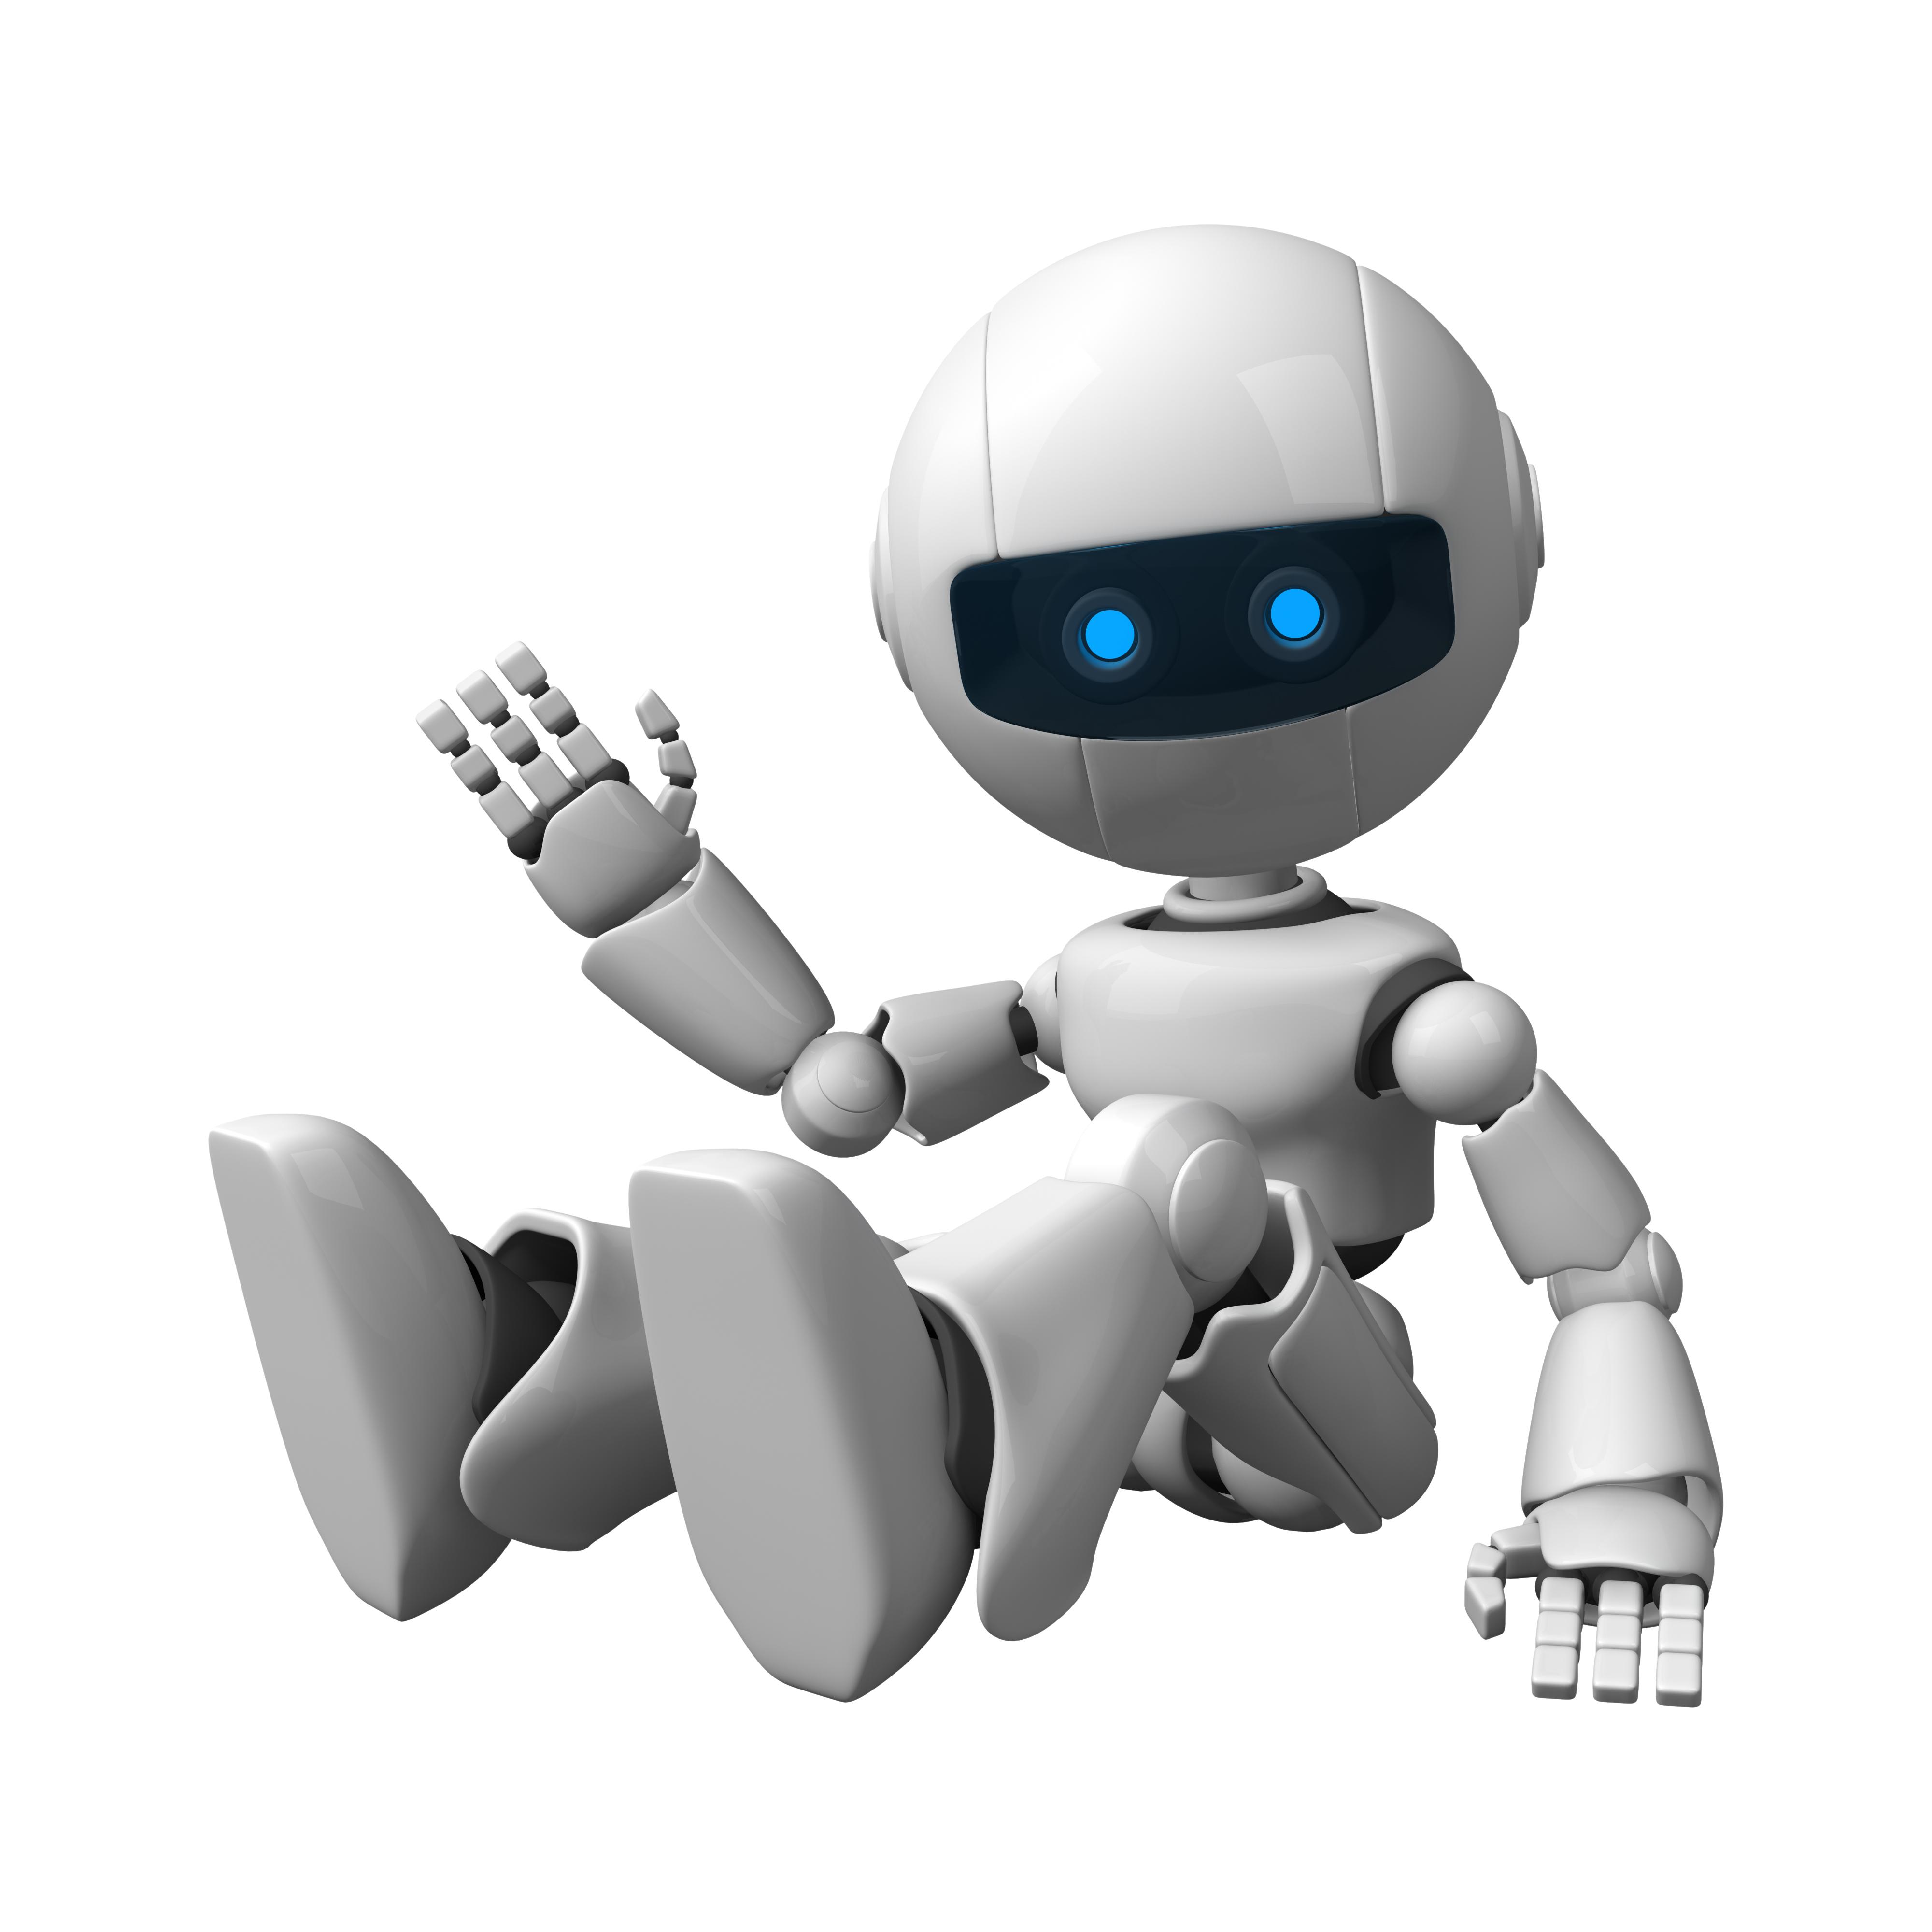 картинка с роботами для презентации возможность